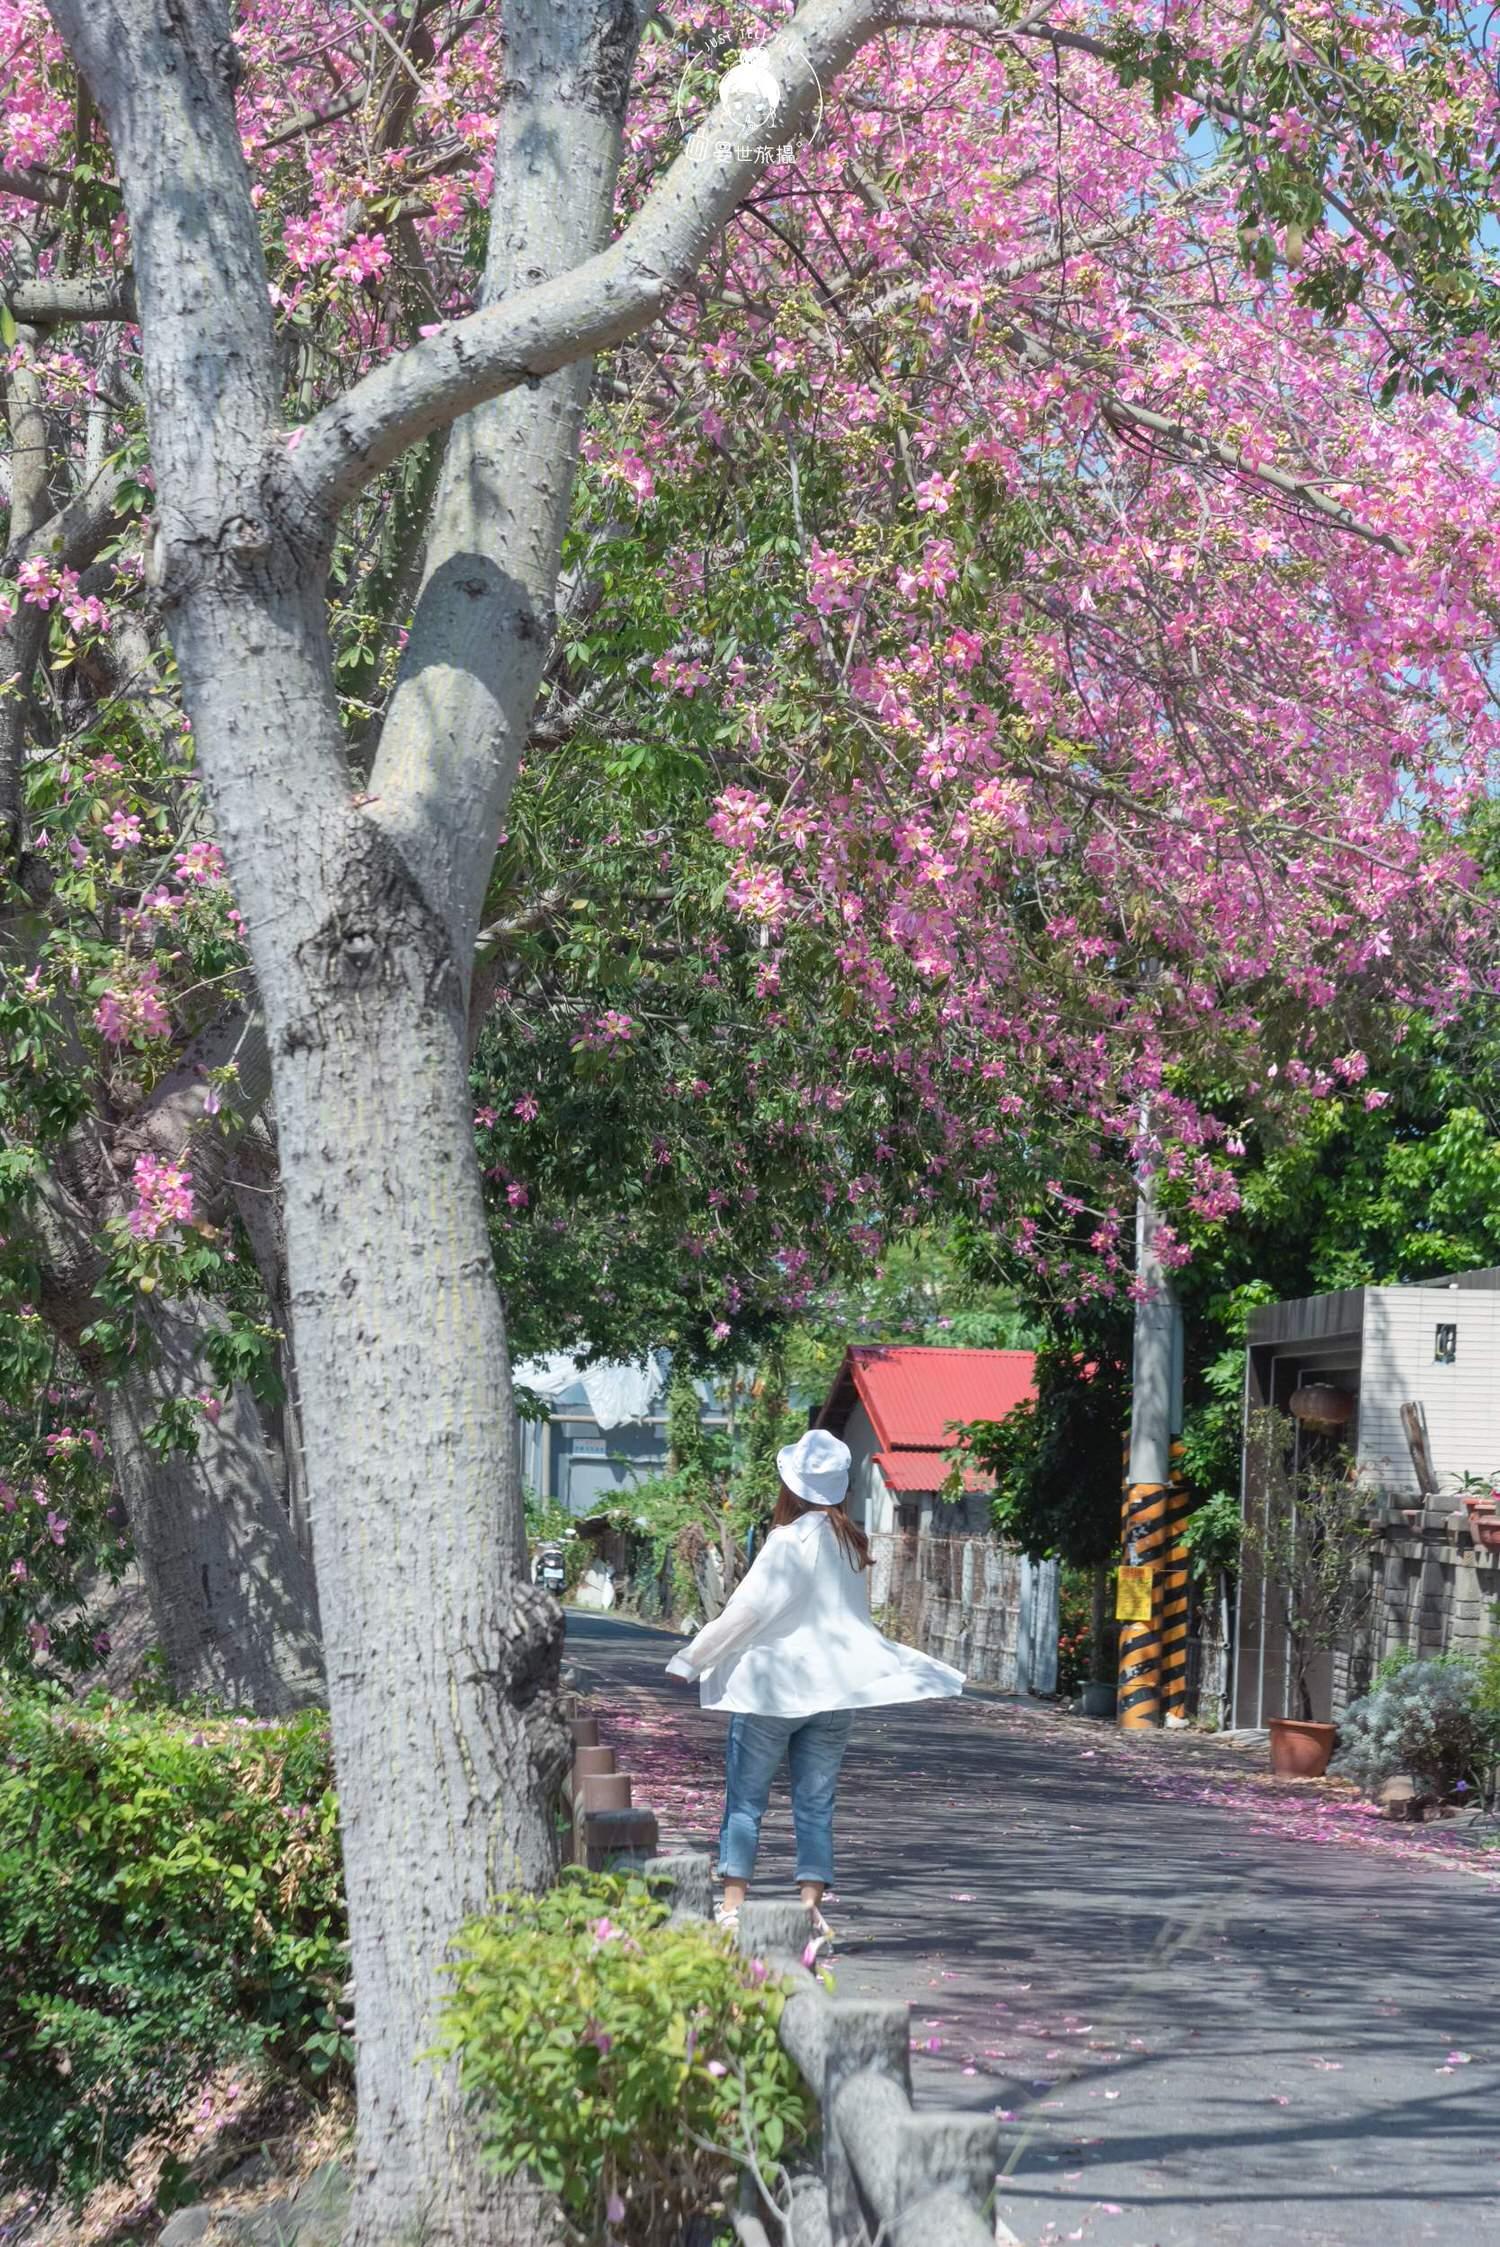 彰化、北斗 北斗河濱公園,浪漫粉紅樹海・秋天就是個浪漫的季節